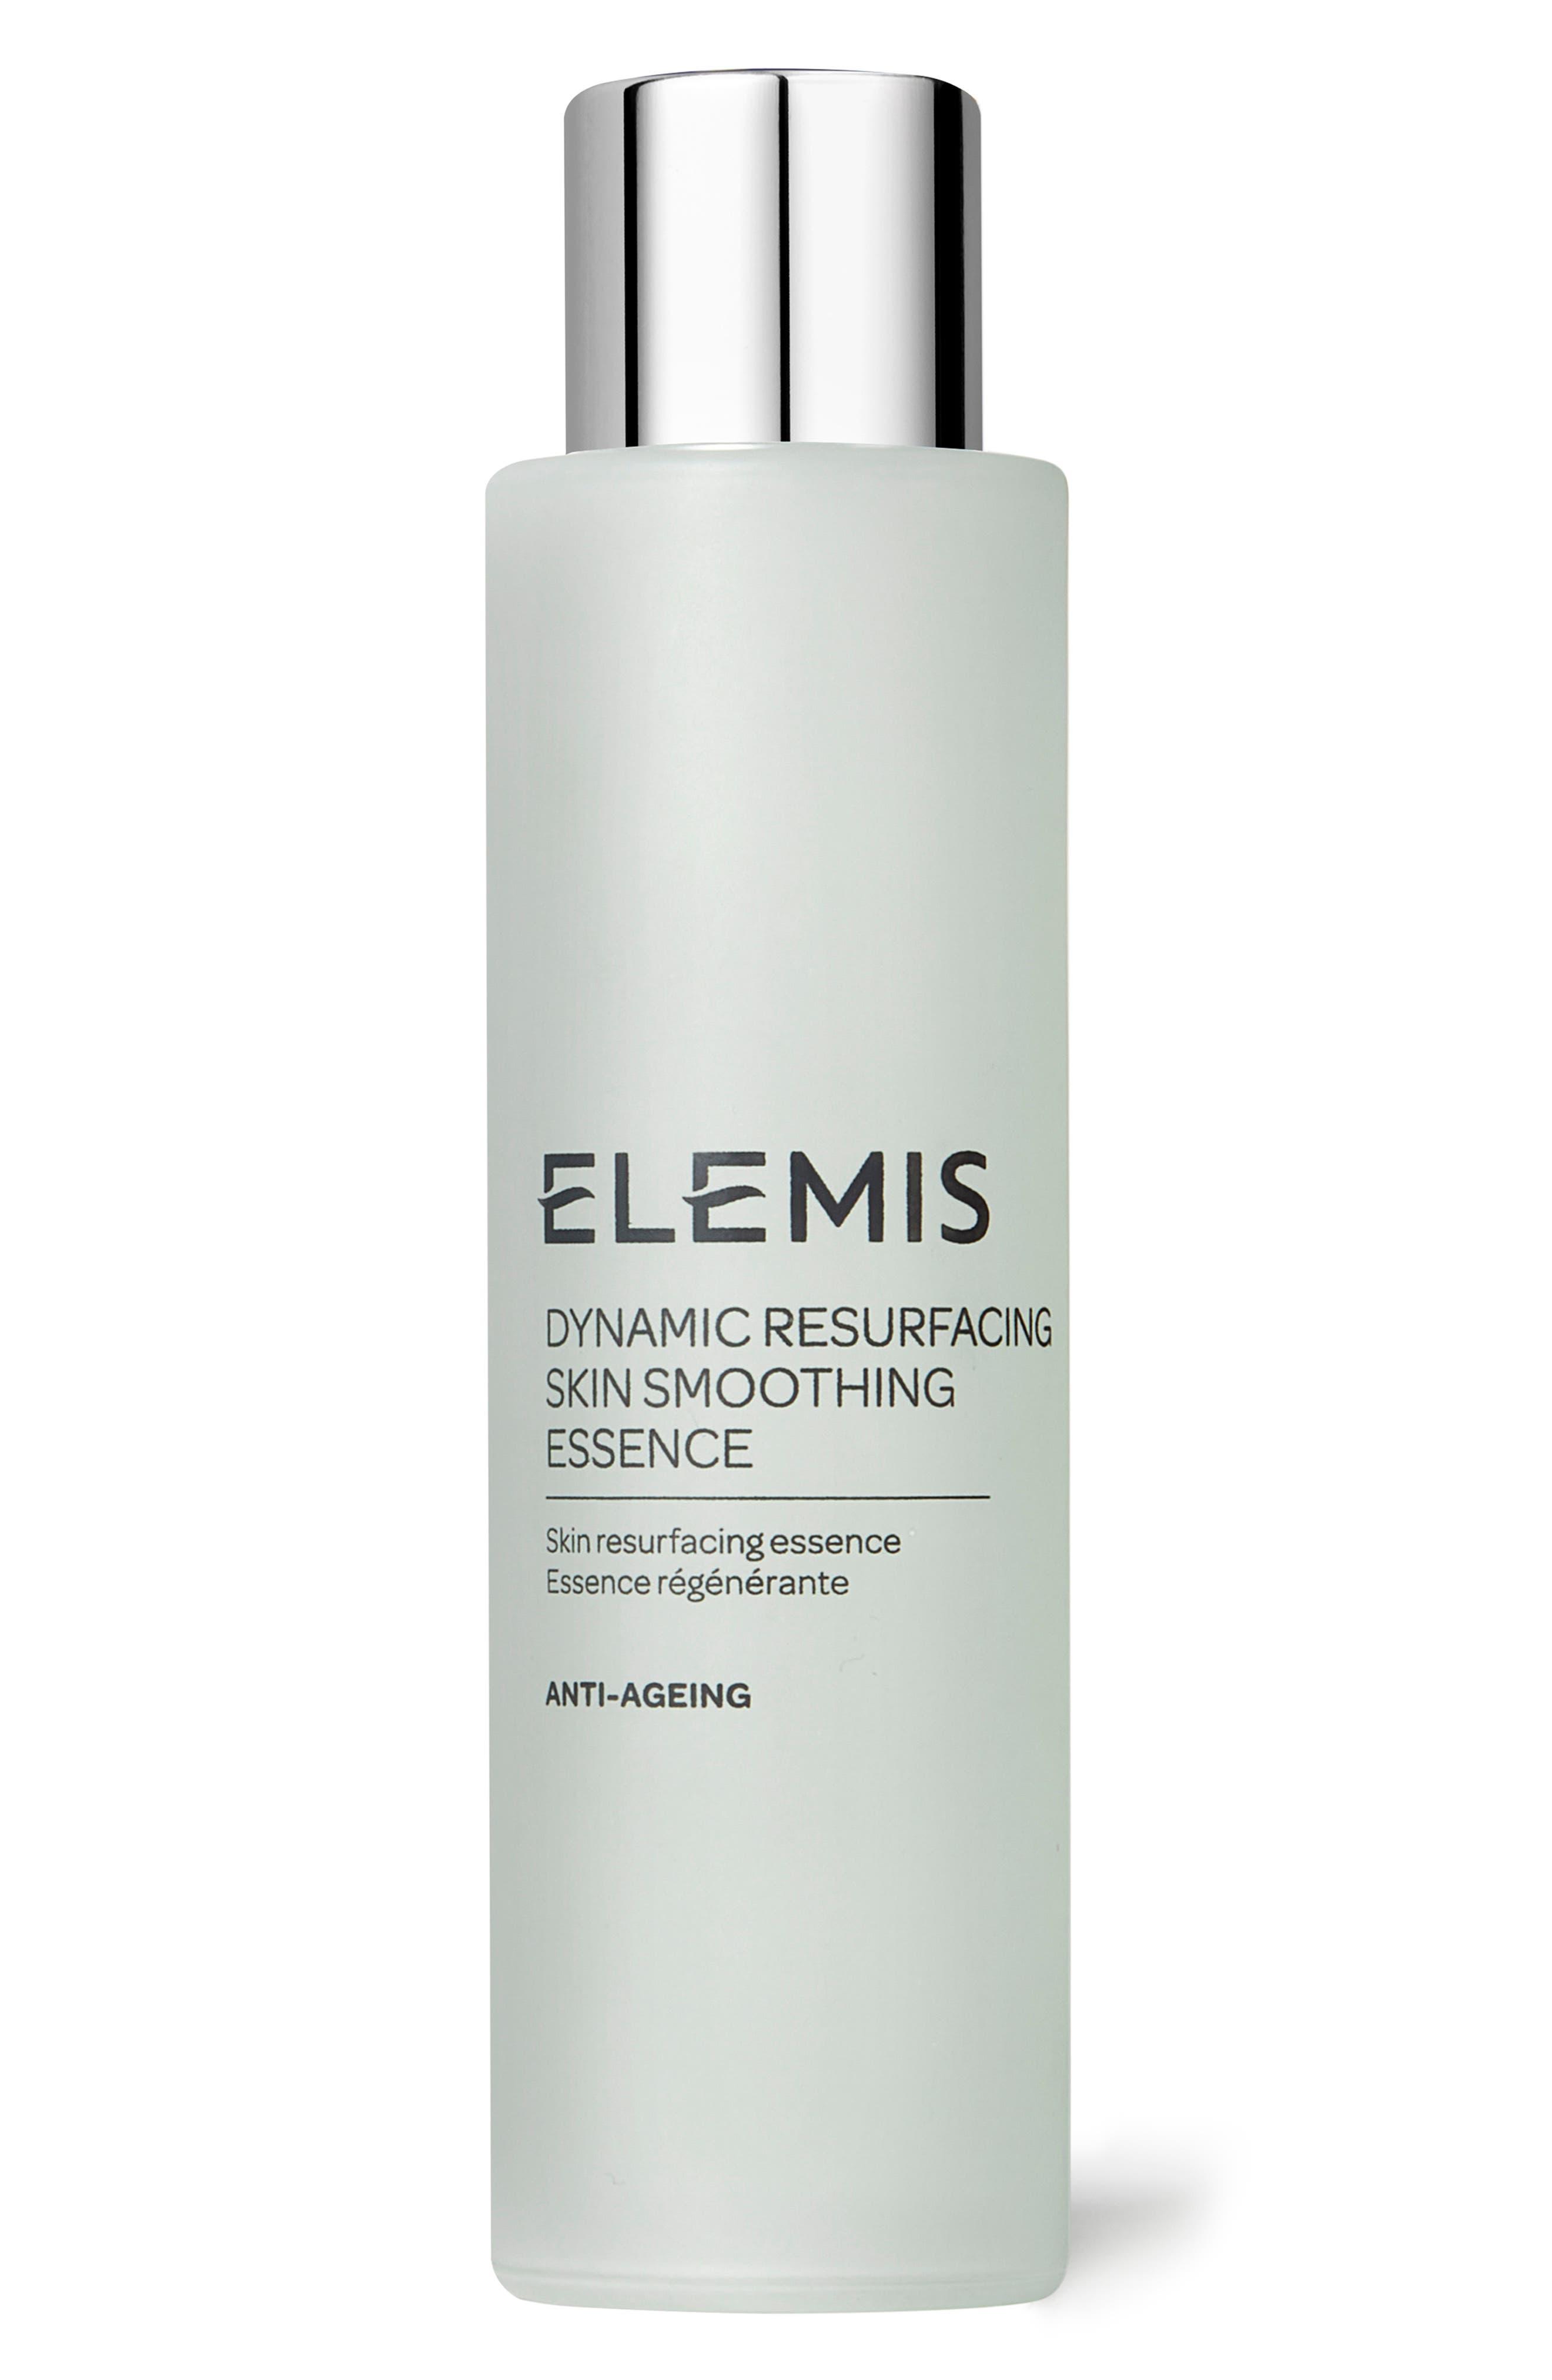 Dynamic Resurfacing Skin Smoothing Essence